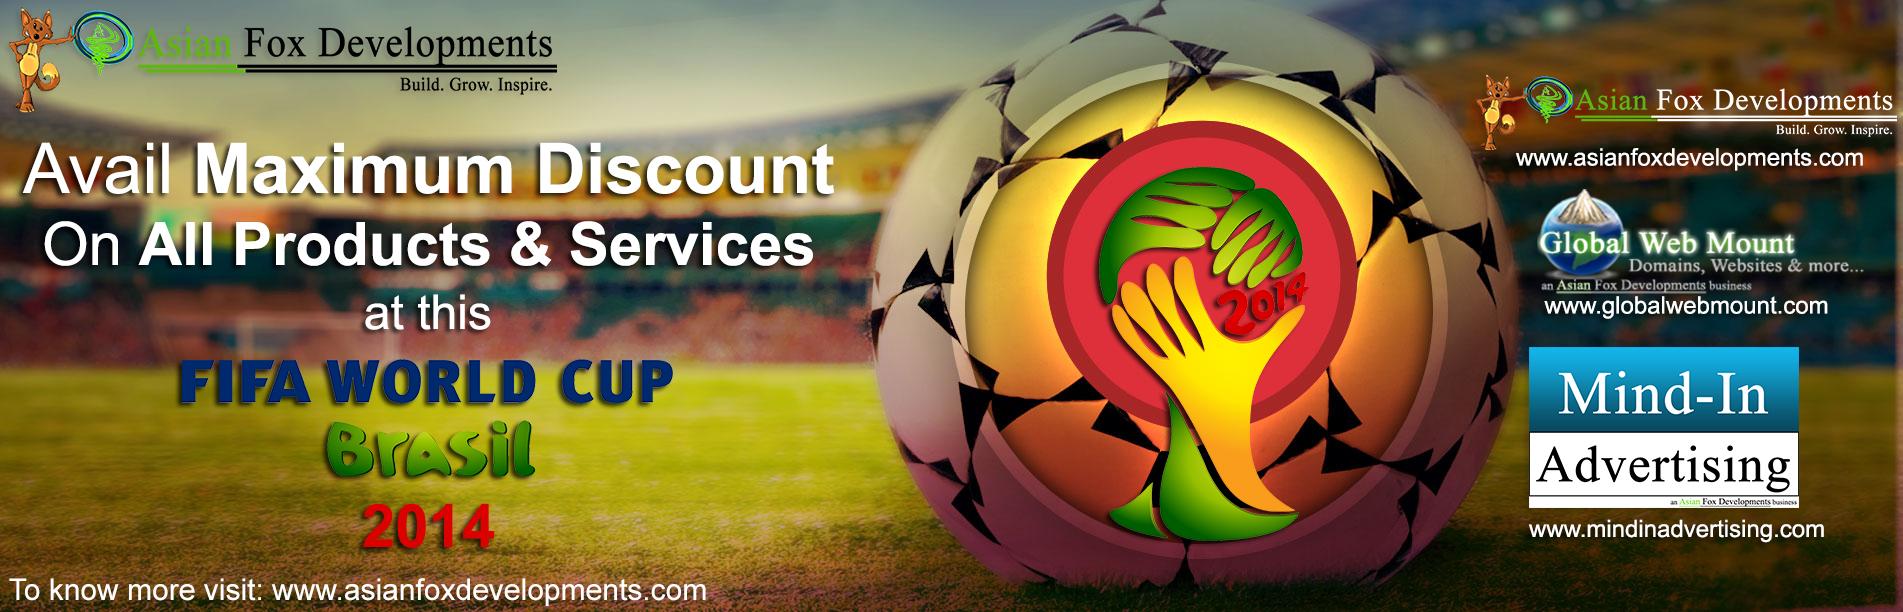 Asian Fox Developments - 2014 Fifa World Cup Brasil 2